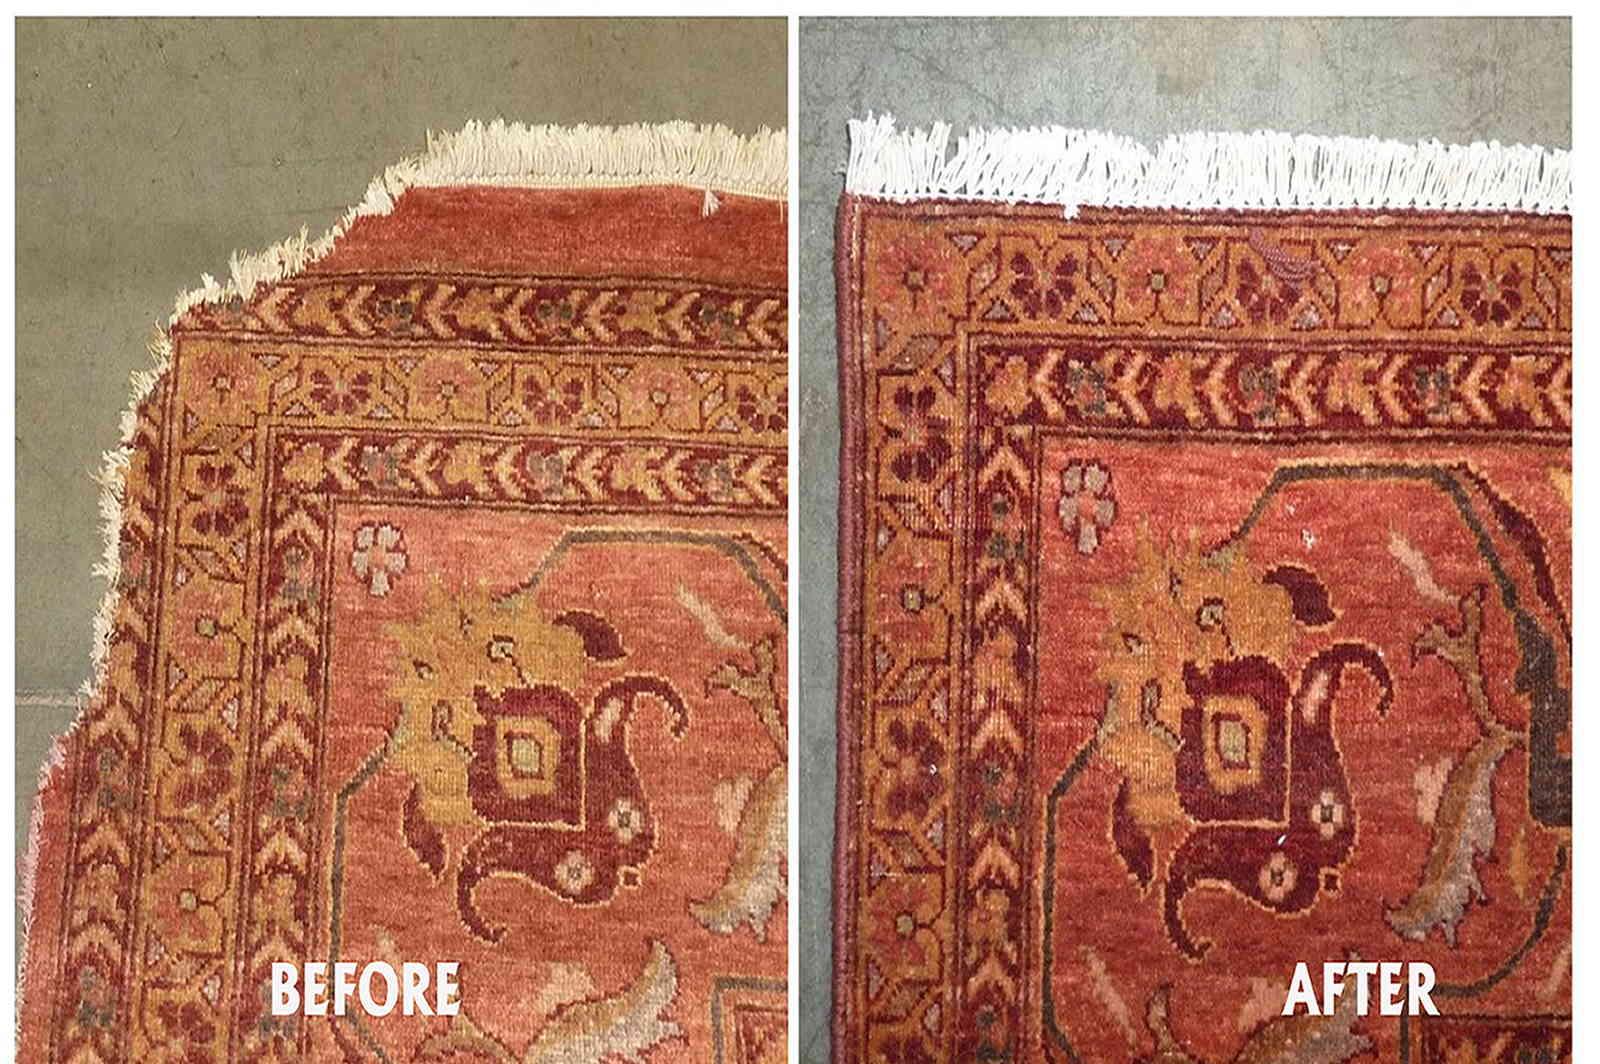 carpet and rug repair in hong kong, carpet repairing services hk, hk carpet repairs